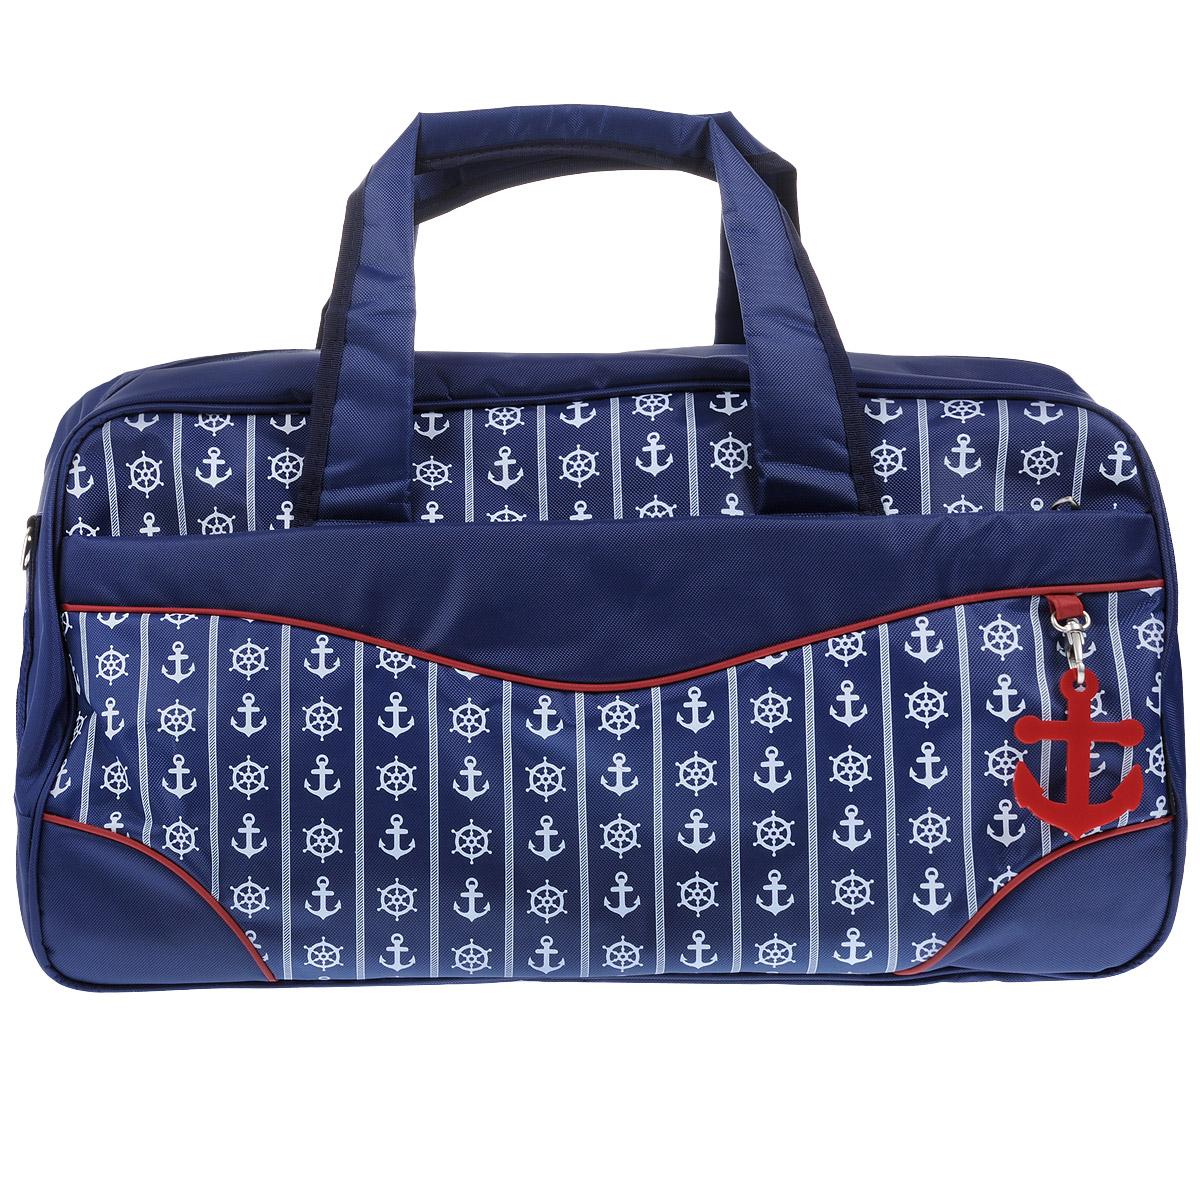 Сумка дорожная Antan Морская, цвет: синий. 2-4M2-4M морской стиль 2 ПЭ/синийВместительная дорожная сумка Antan выполнена из полиэстера и оформлена принтом в морском стиле. Сумка имеет одно отделение, закрывающееся на застежку-молнию. Внутри - вшитый карман на молнии и два открытых накладных кармашка. С внешней стороны расположены два вшитых кармана на молниях. Сумка оснащена двумя удобными ручками и съемным плечевым ремнем регулируемой длины. Такая сумка будет незаменима при походе в спортзал, а также может использоваться в качестве ручной клади во время путешествия.